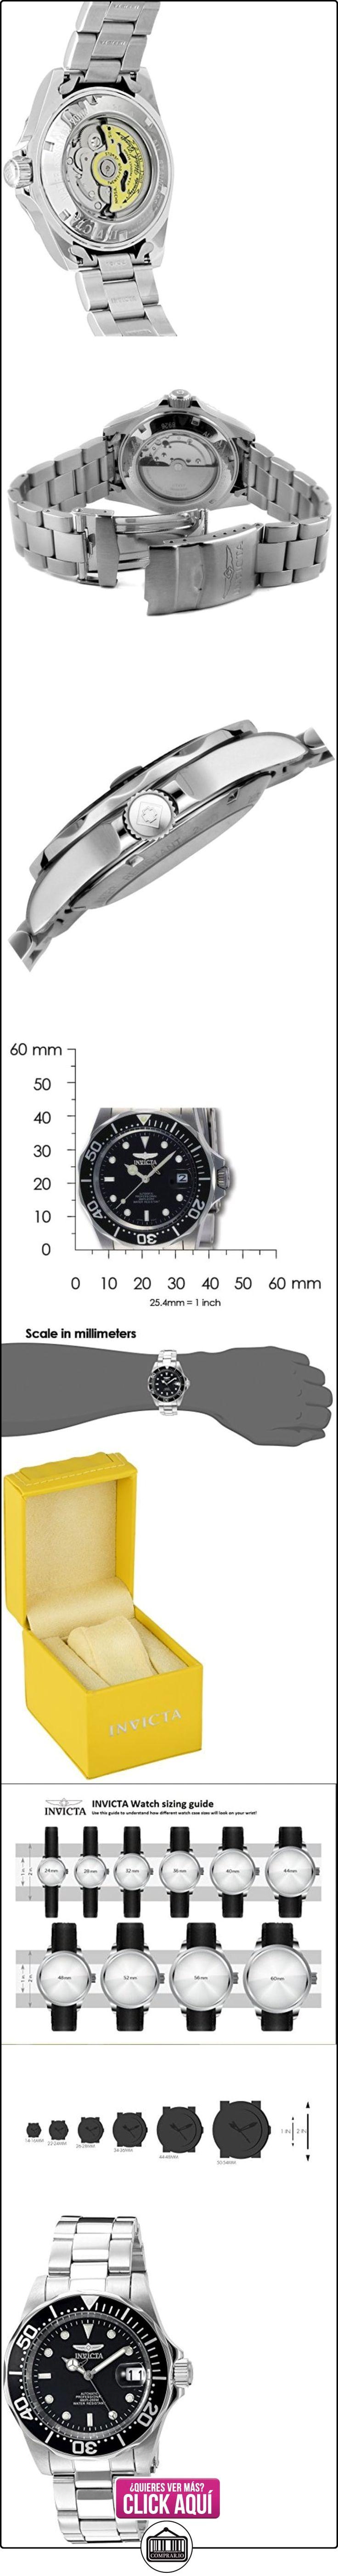 Invicta 8926 - Reloj para hombre color negro / plateado  ✿ Relojes para hombre - (Gama media/alta) ✿ ▬► Ver oferta: http://comprar.io/goto/B001E96DHA